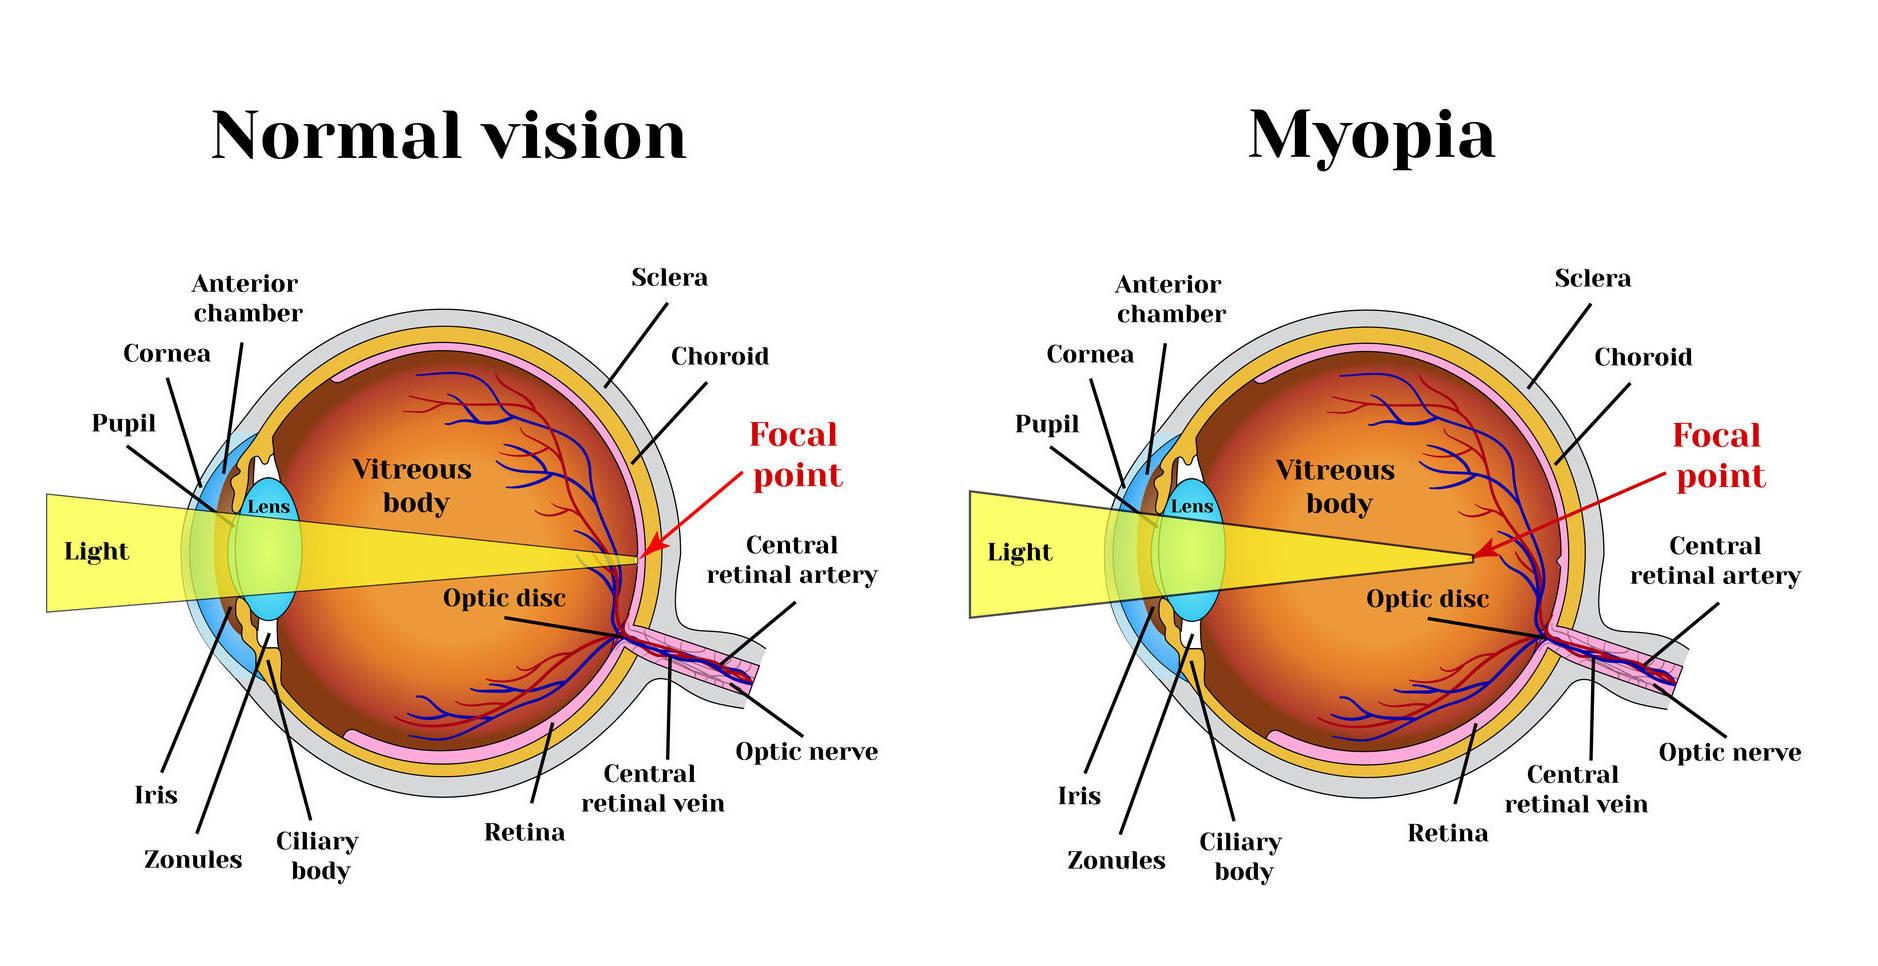 miopie 3 0 ce este să se nască cu o vedere slabă